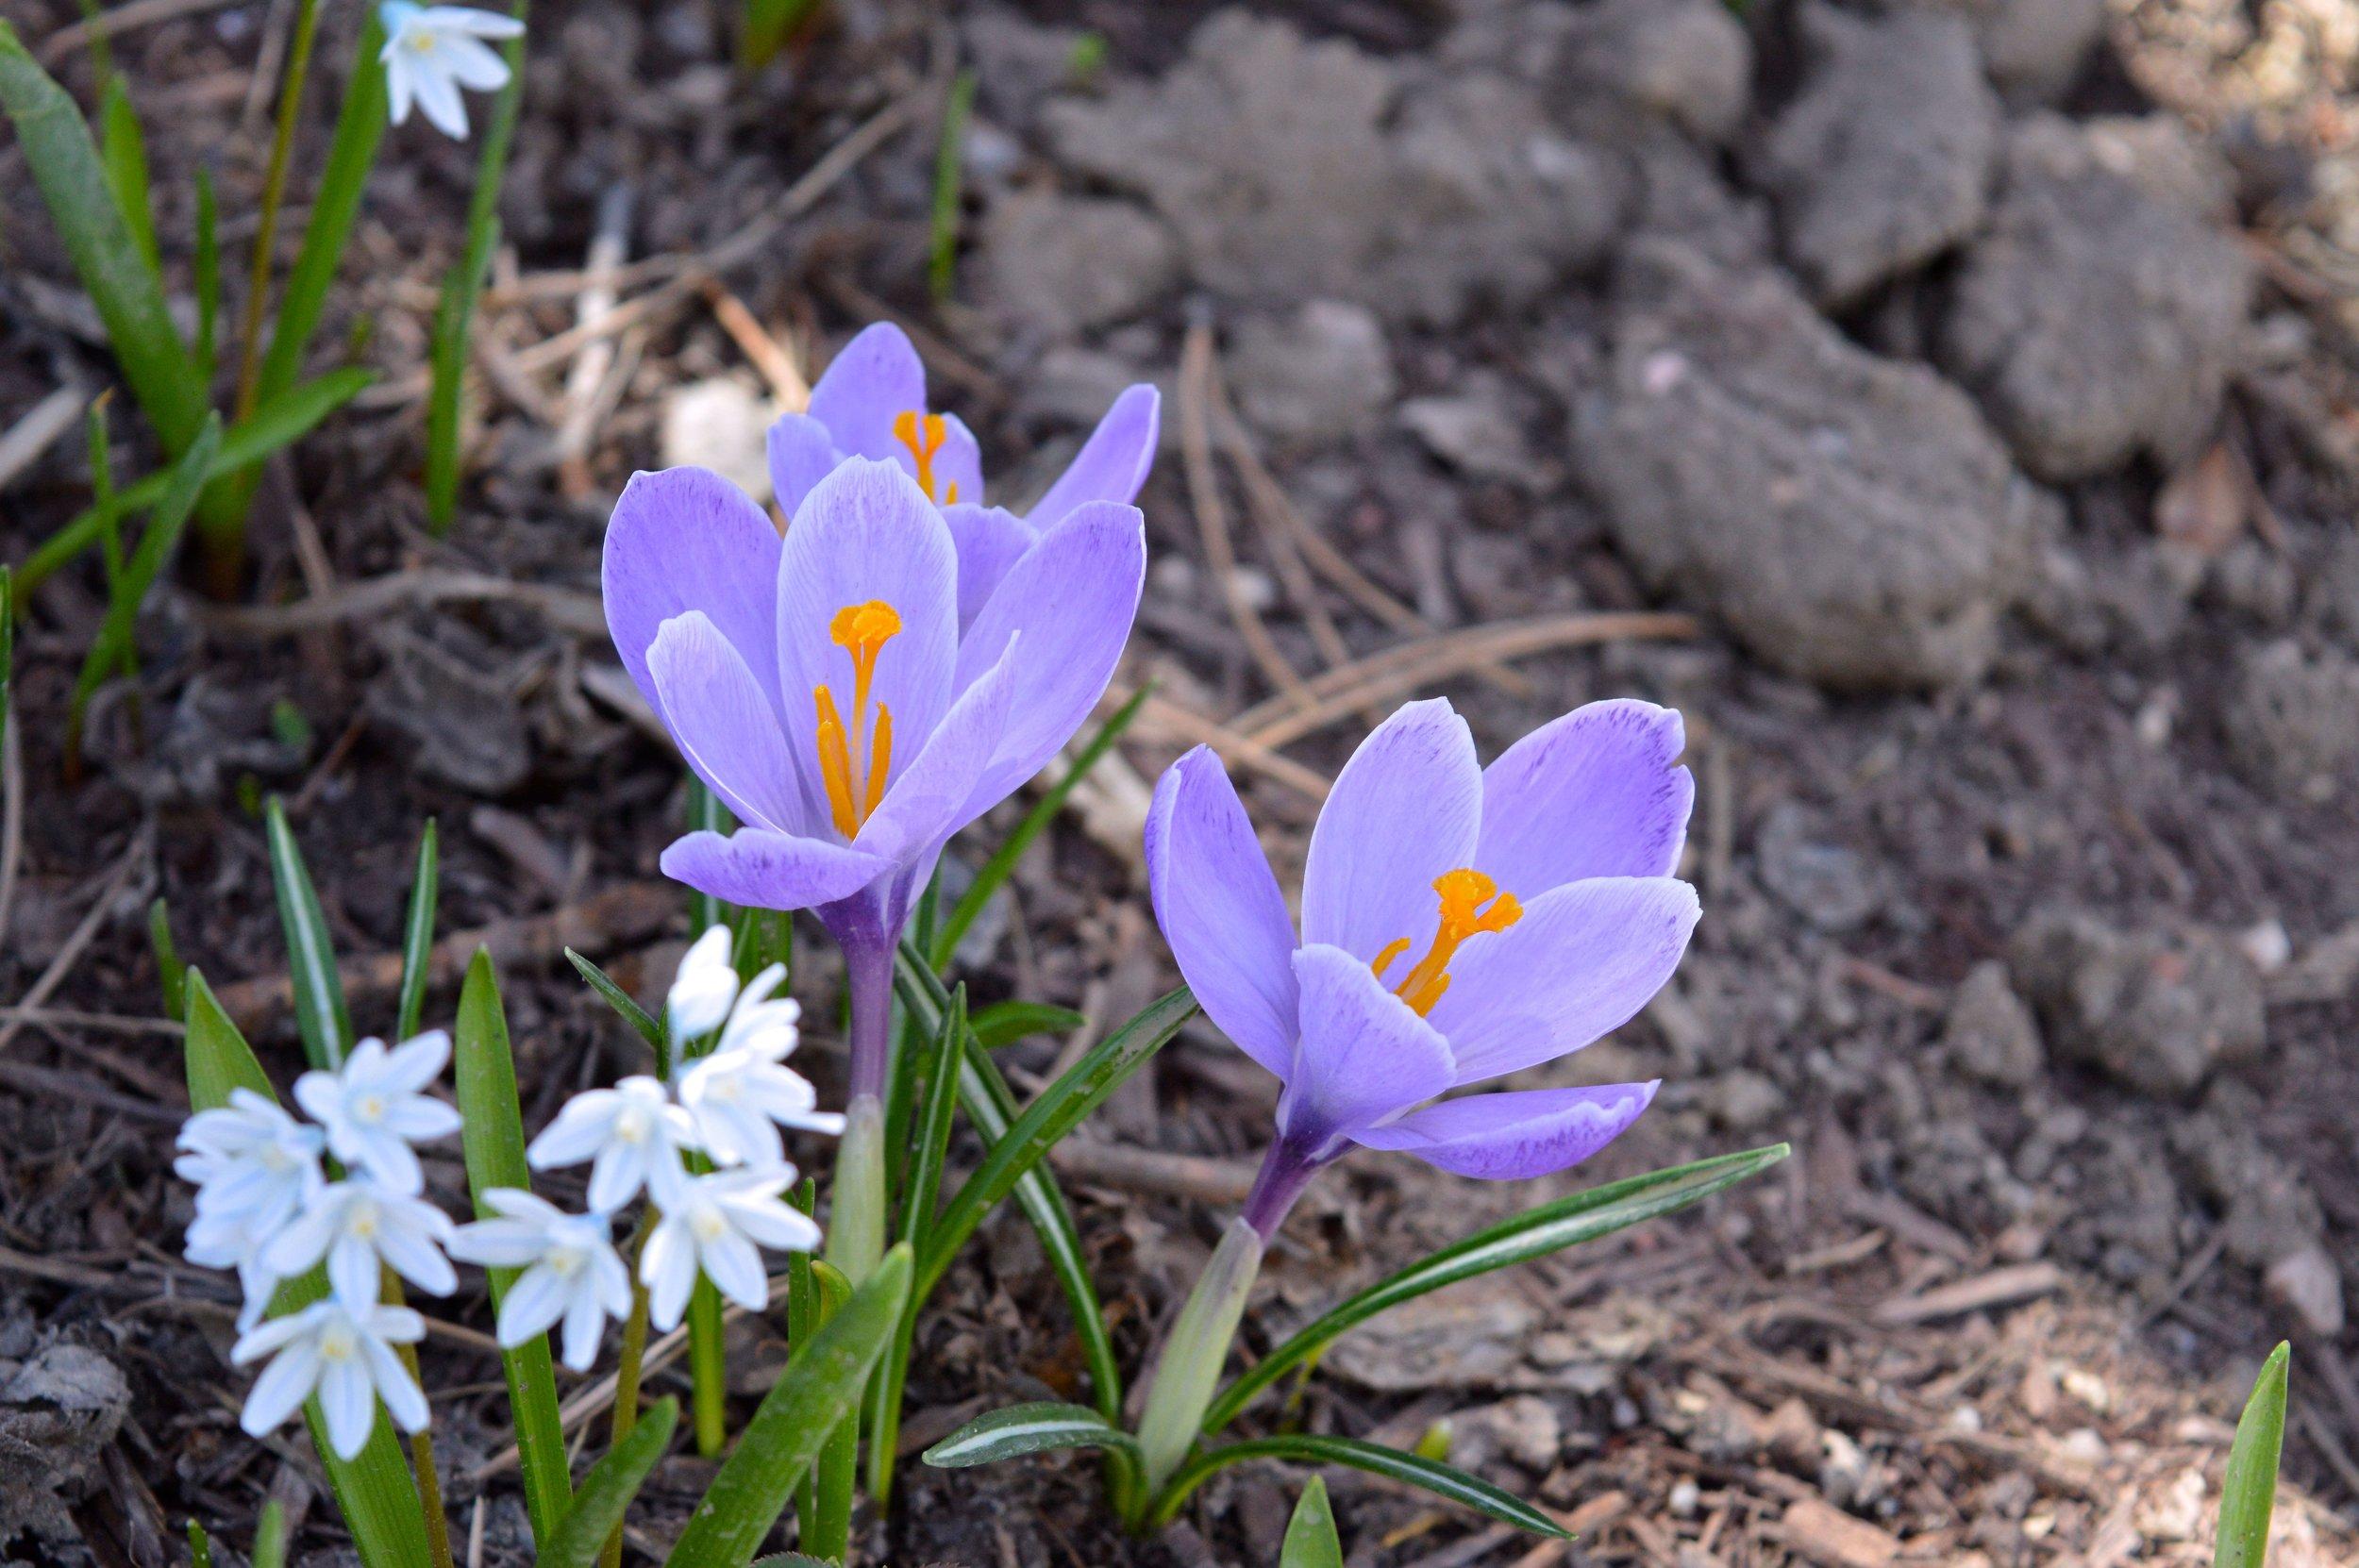 denver-botanic-gardens-April-13-6-2.jpg